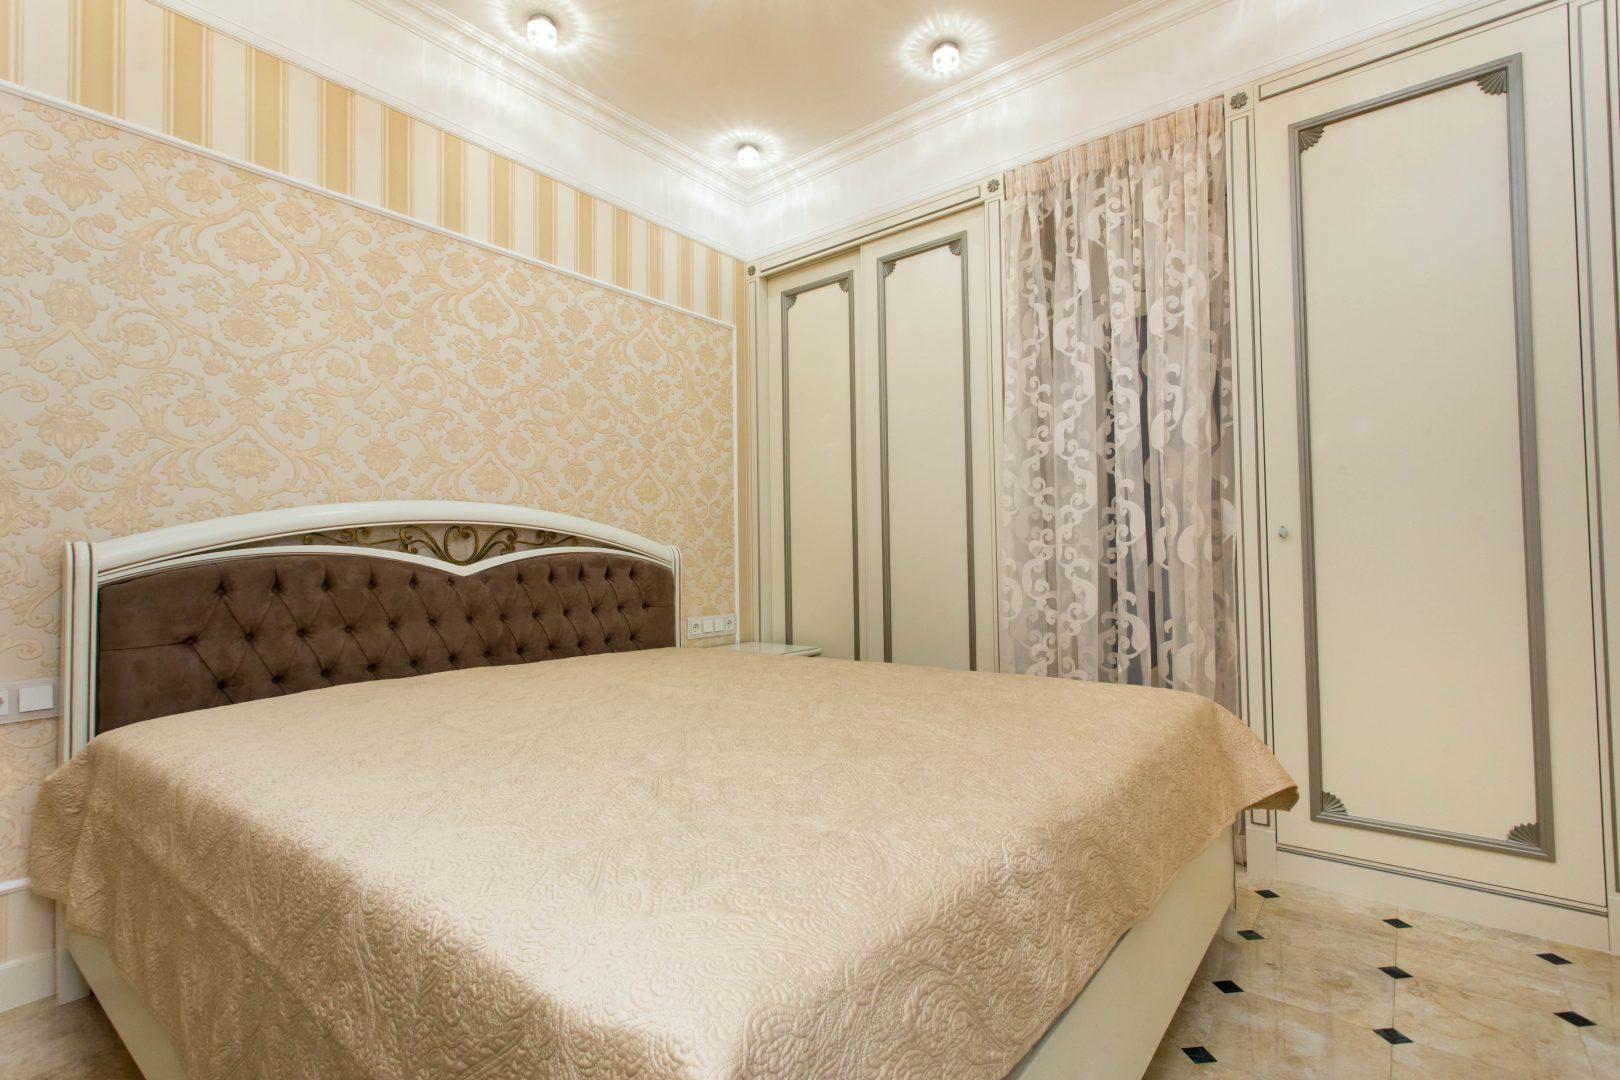 7 trucos para decorar el dormitorio perfecto